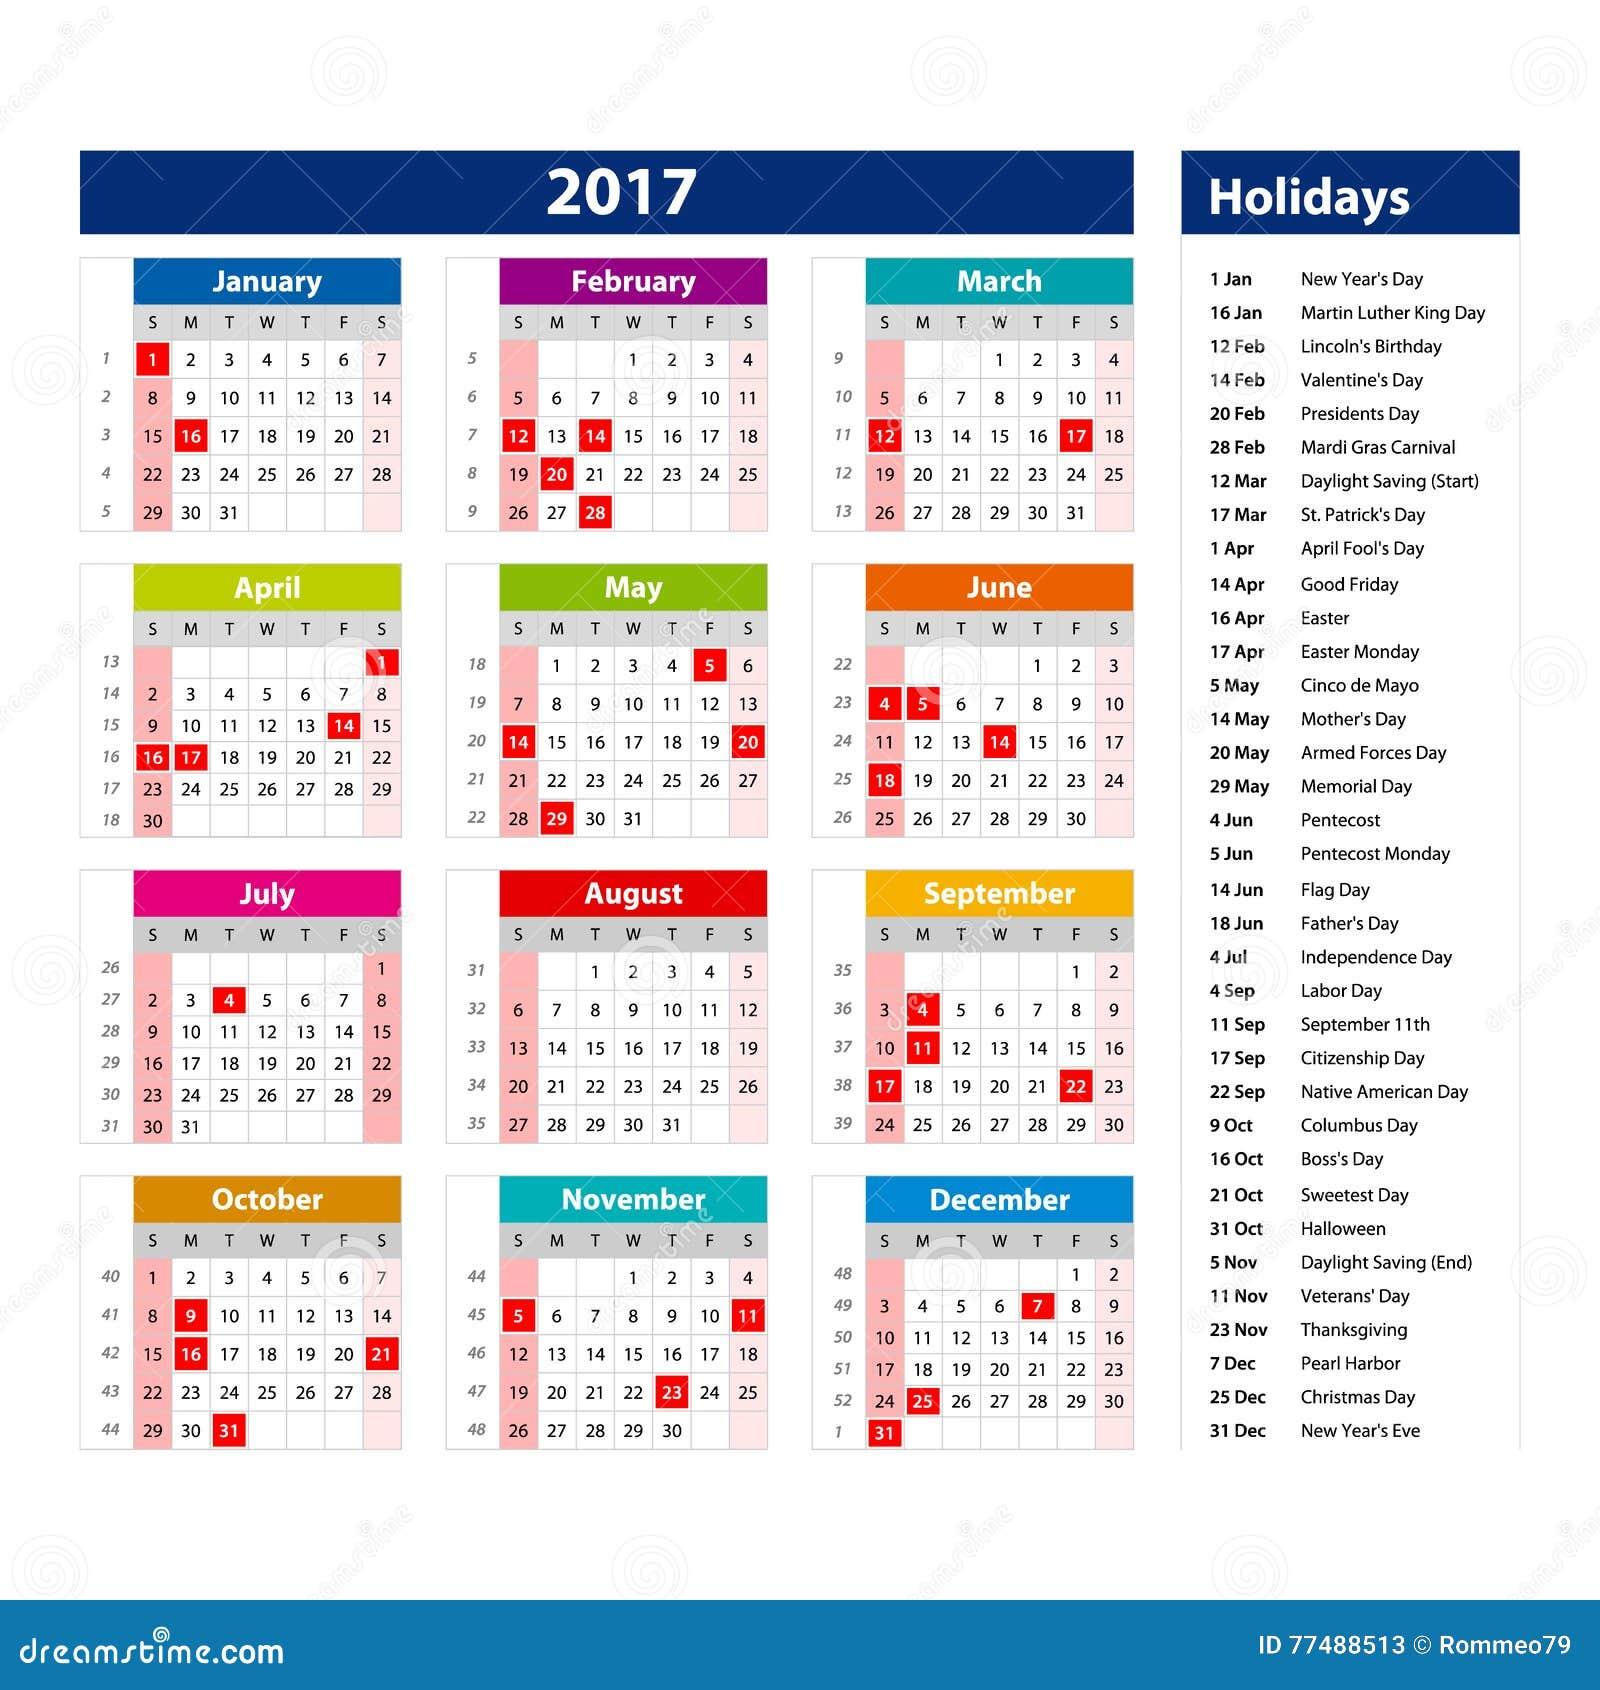 calendar 2017 with holidays usa - Calendar